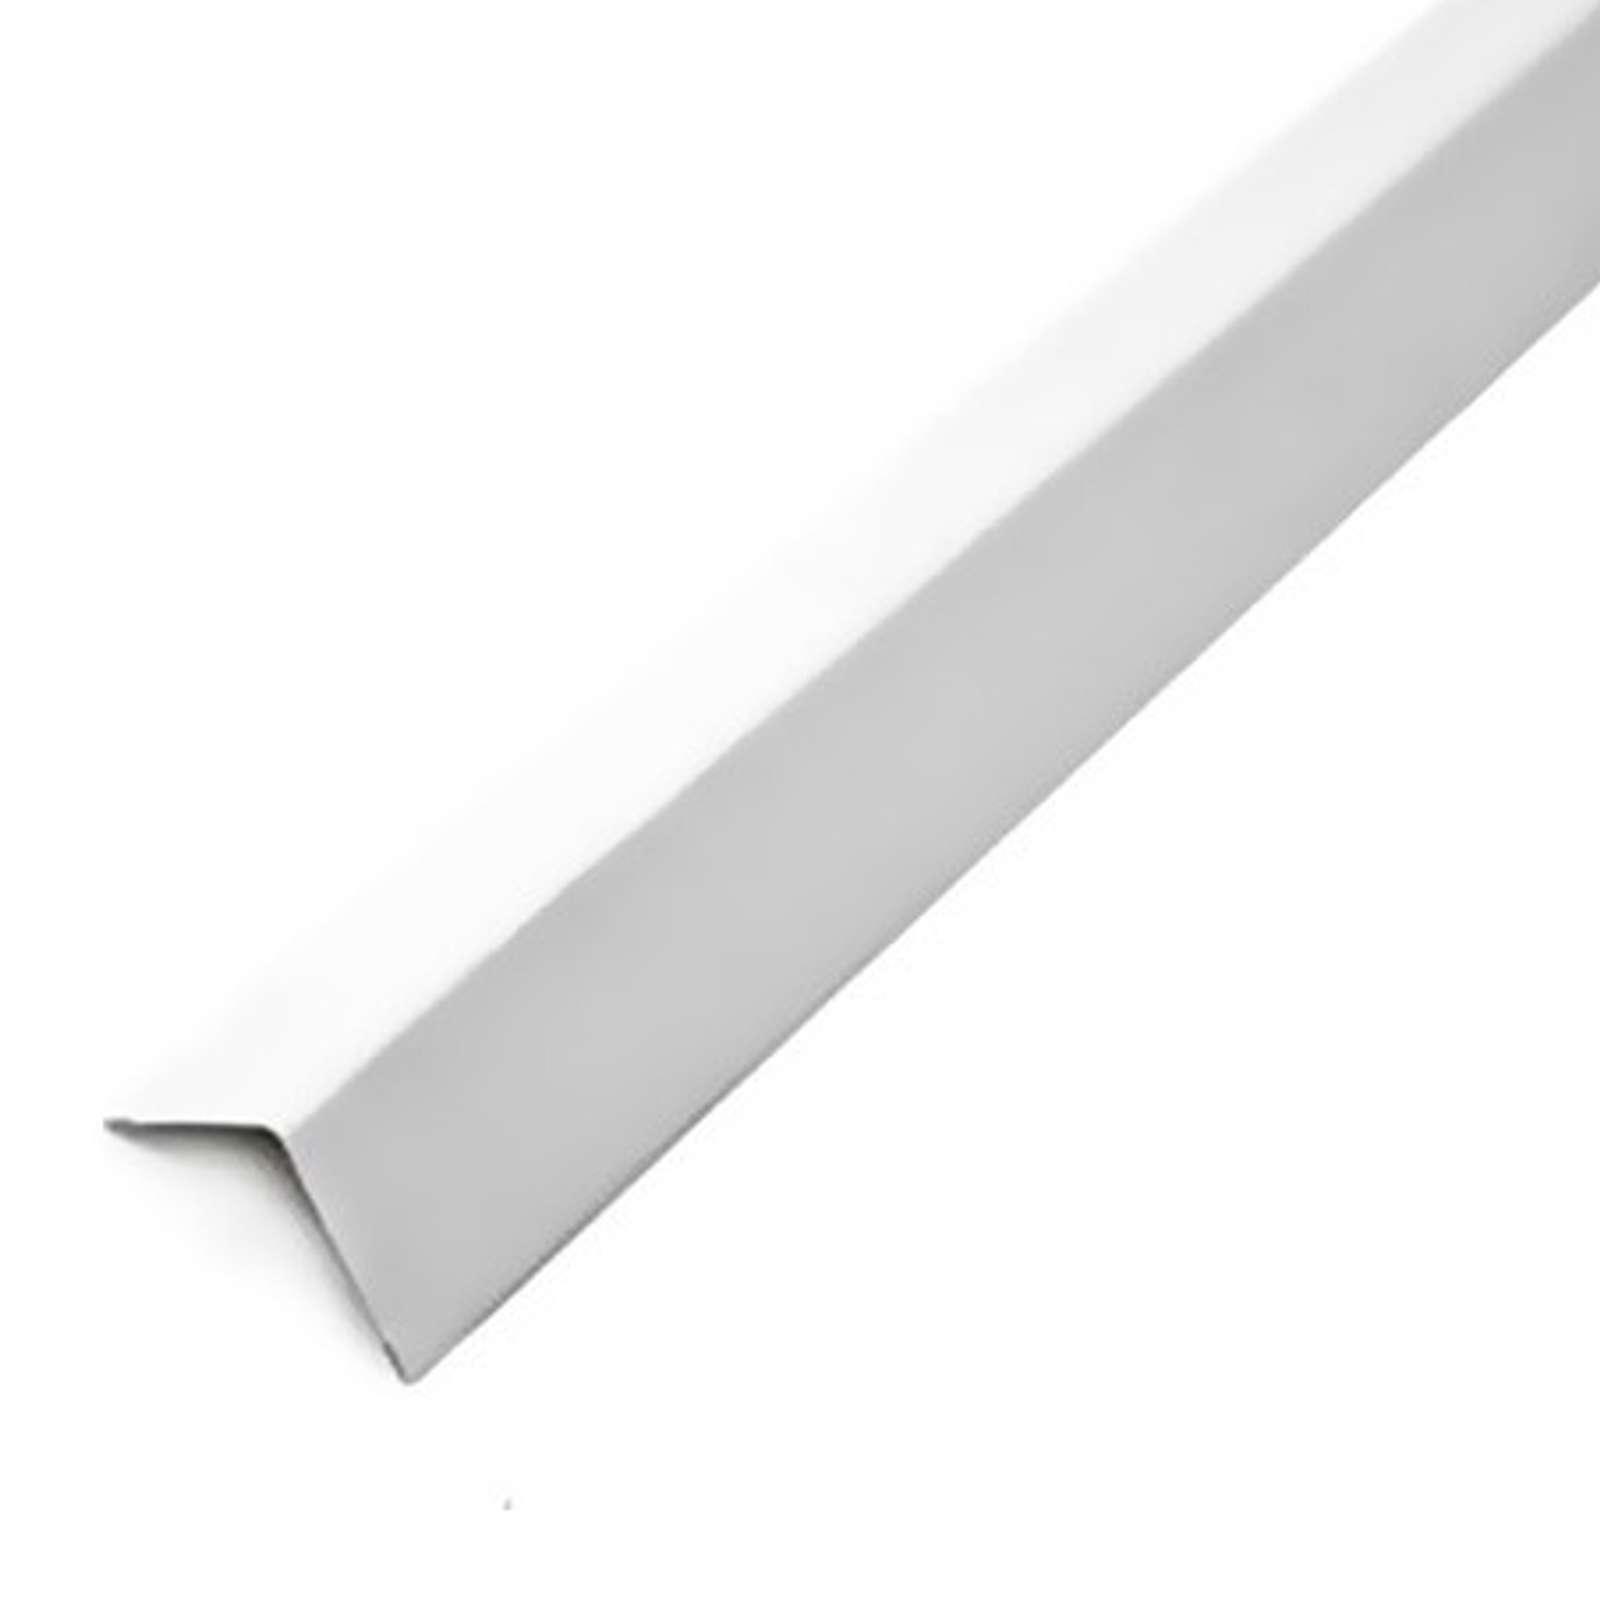 Уголок потолочный белый 19x19 (стальной) 3м (70) - фото